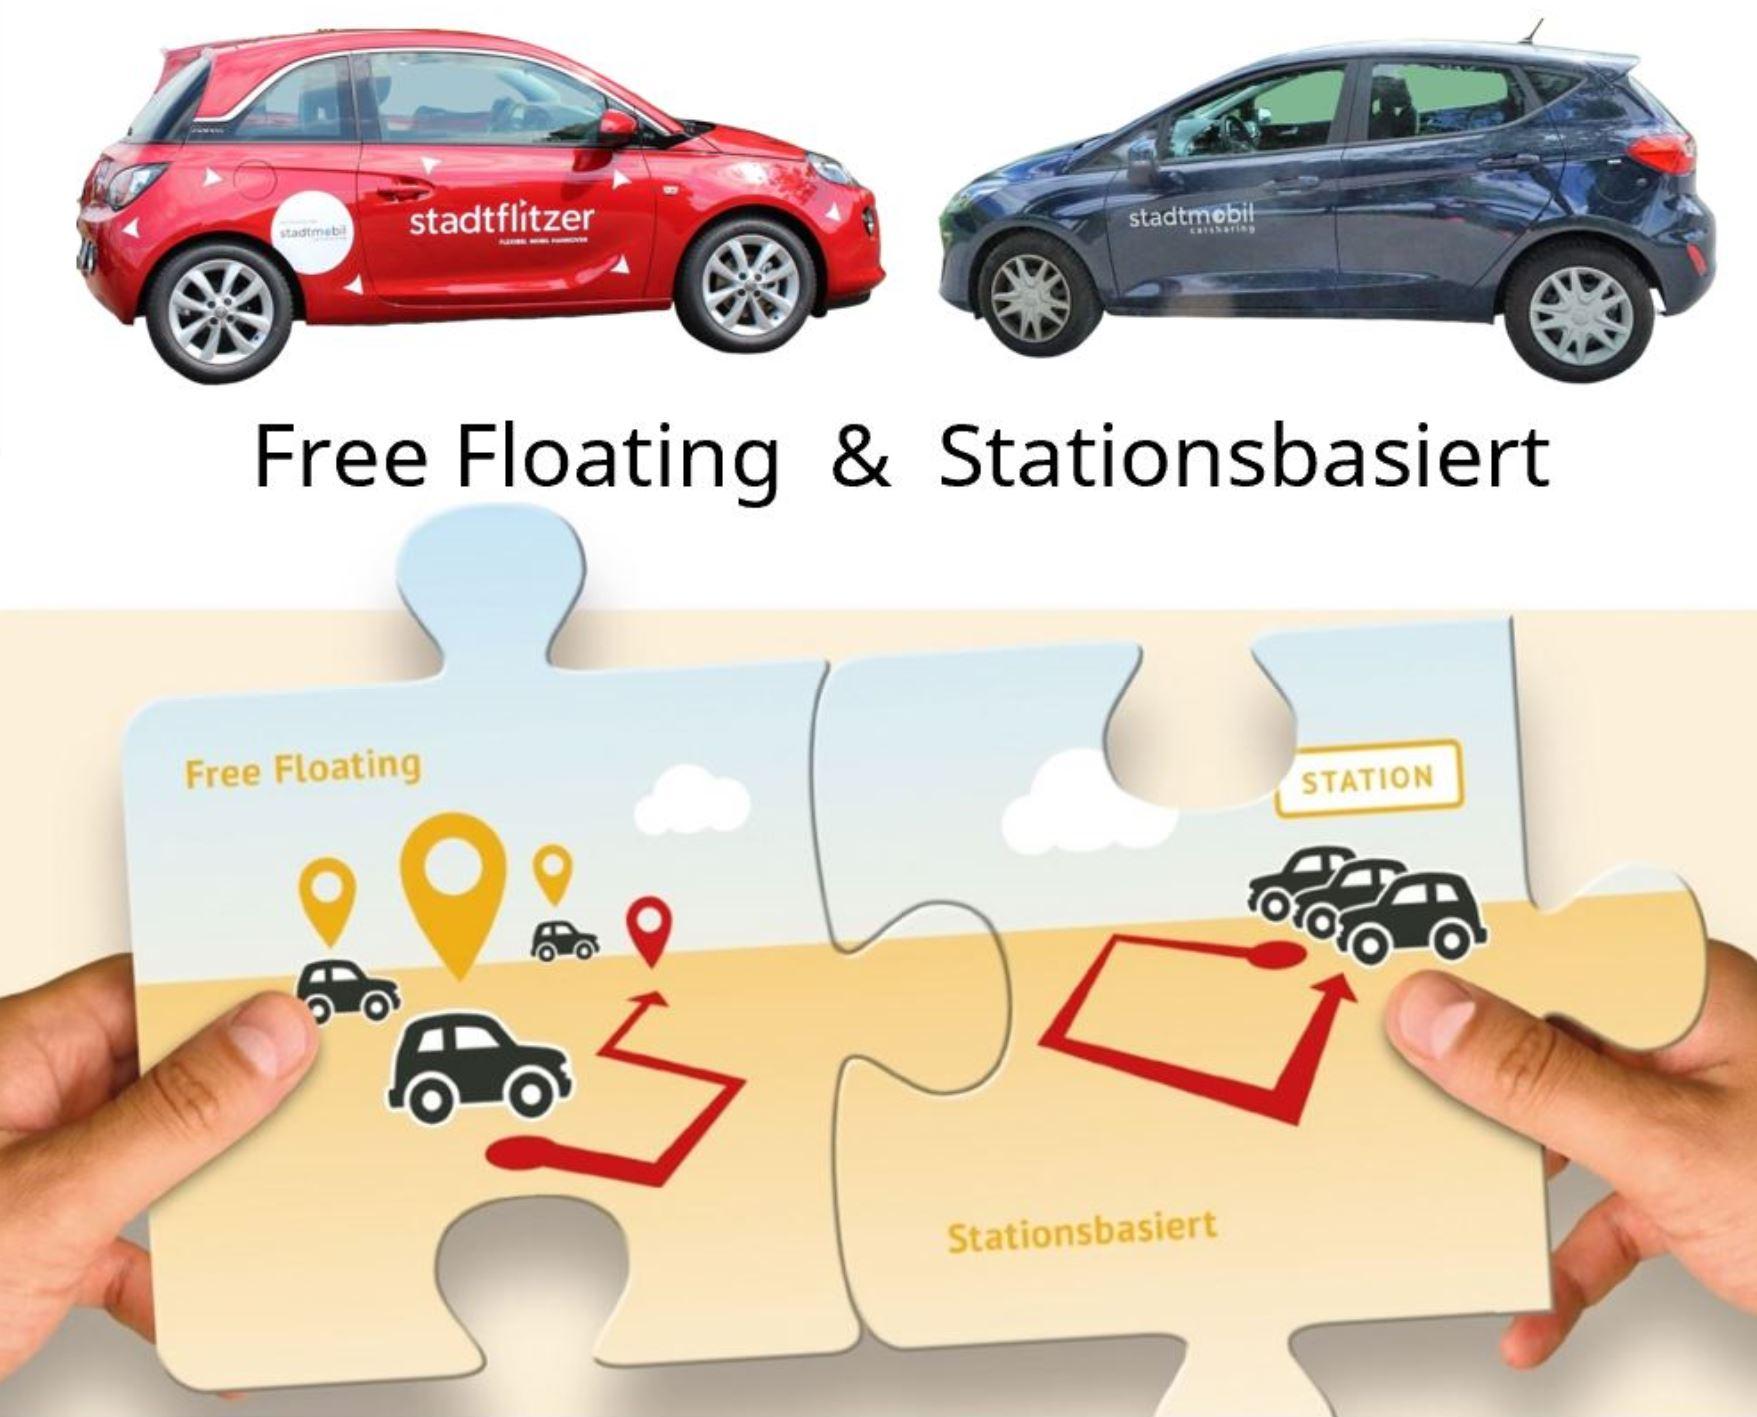 stadtflitzer ermöglicht free floating mit dem Auto